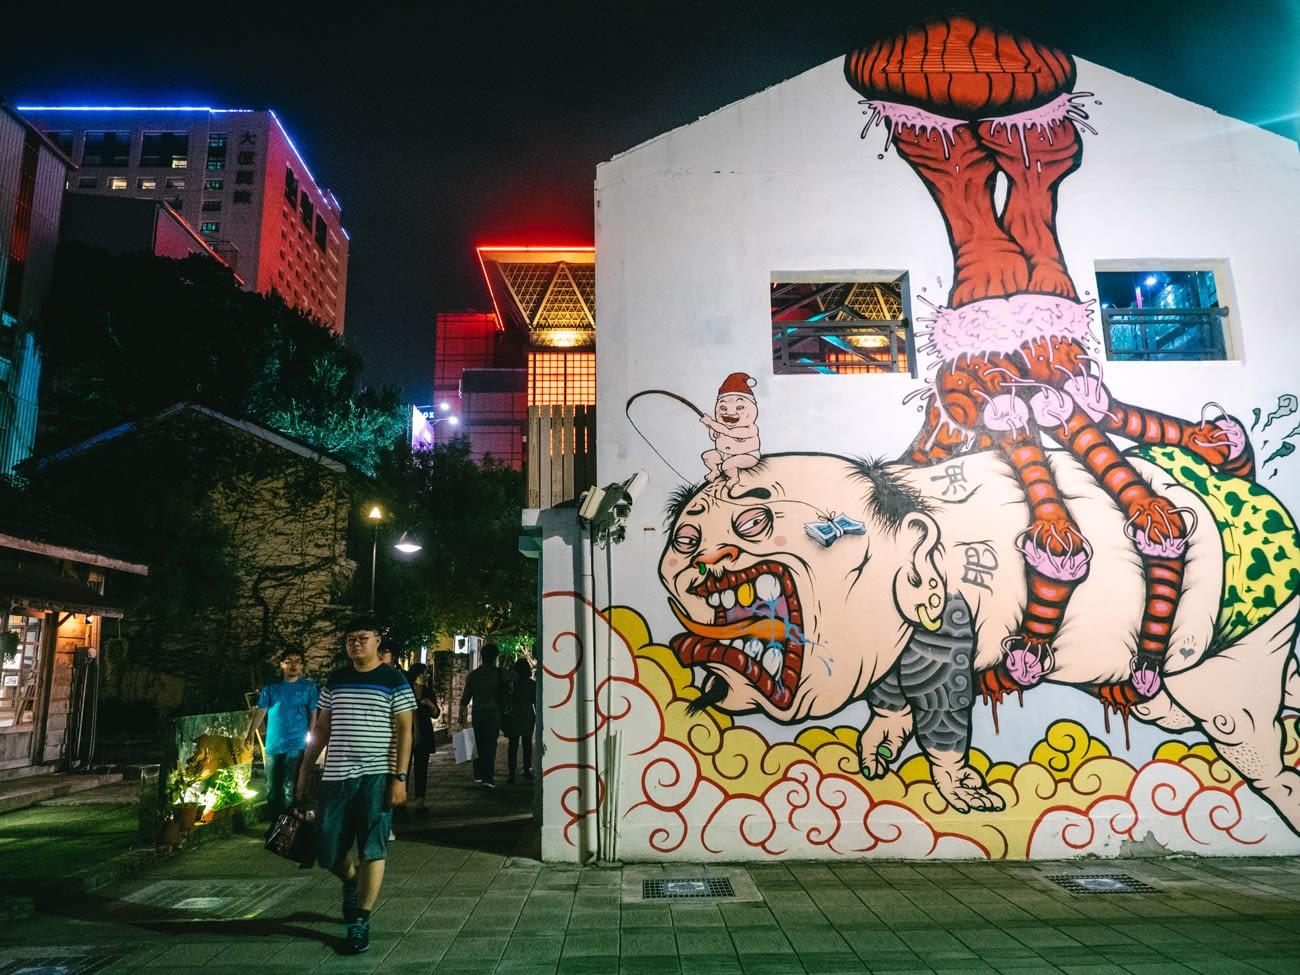 Tainan - Blueprint cultural & creative park - Candybird work up close